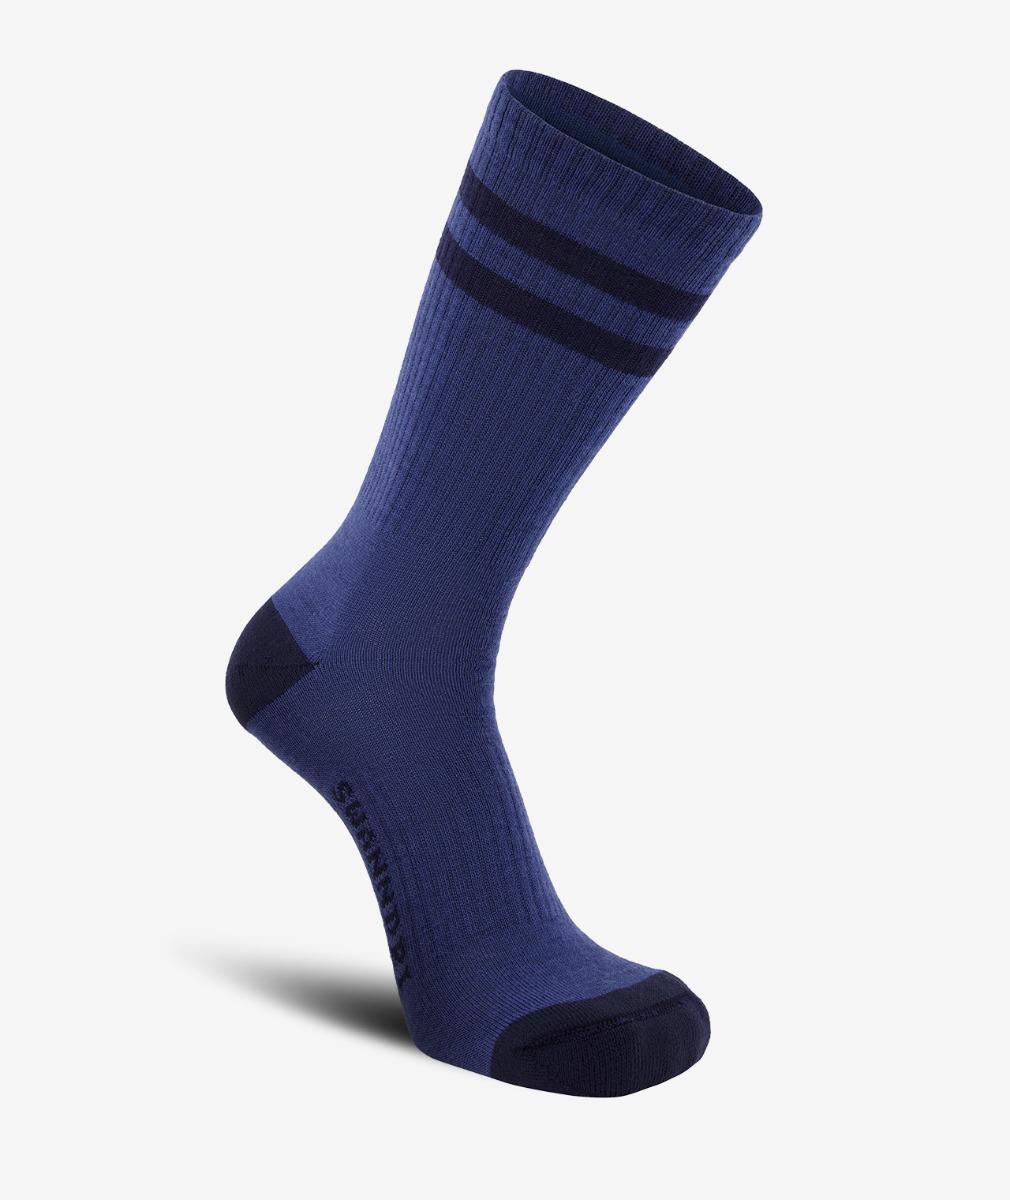 Swanndri Colombo Merino Blend Socks in Blue